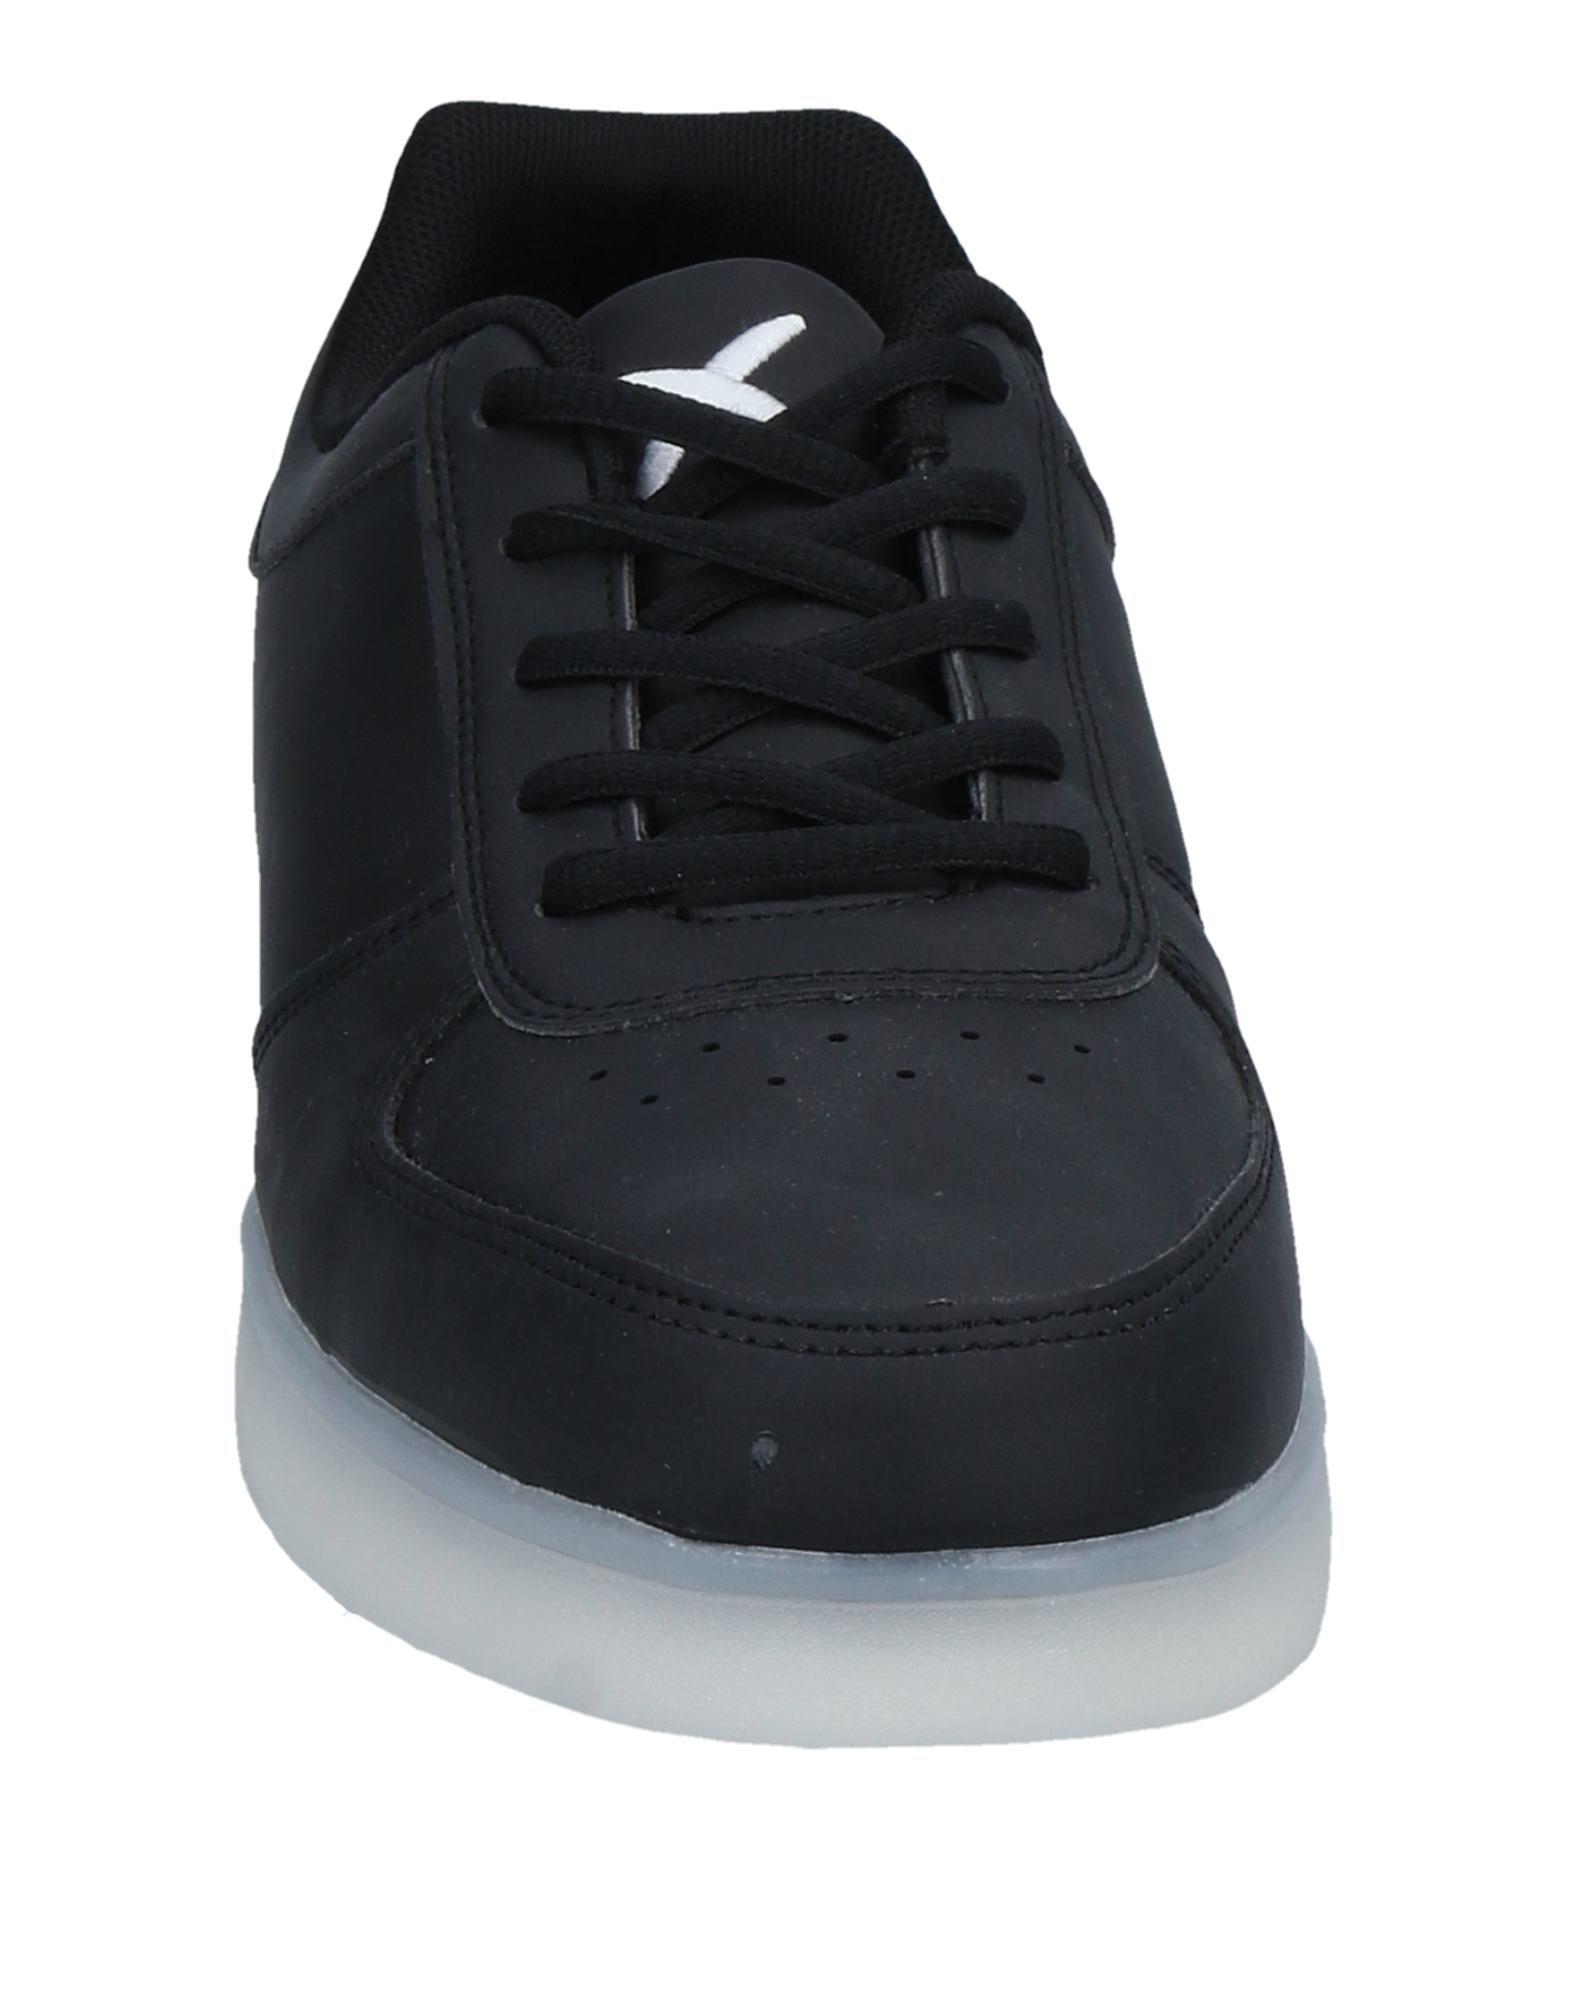 Herren Wize & Ope Sneakers Herren   11507373SV aaac68